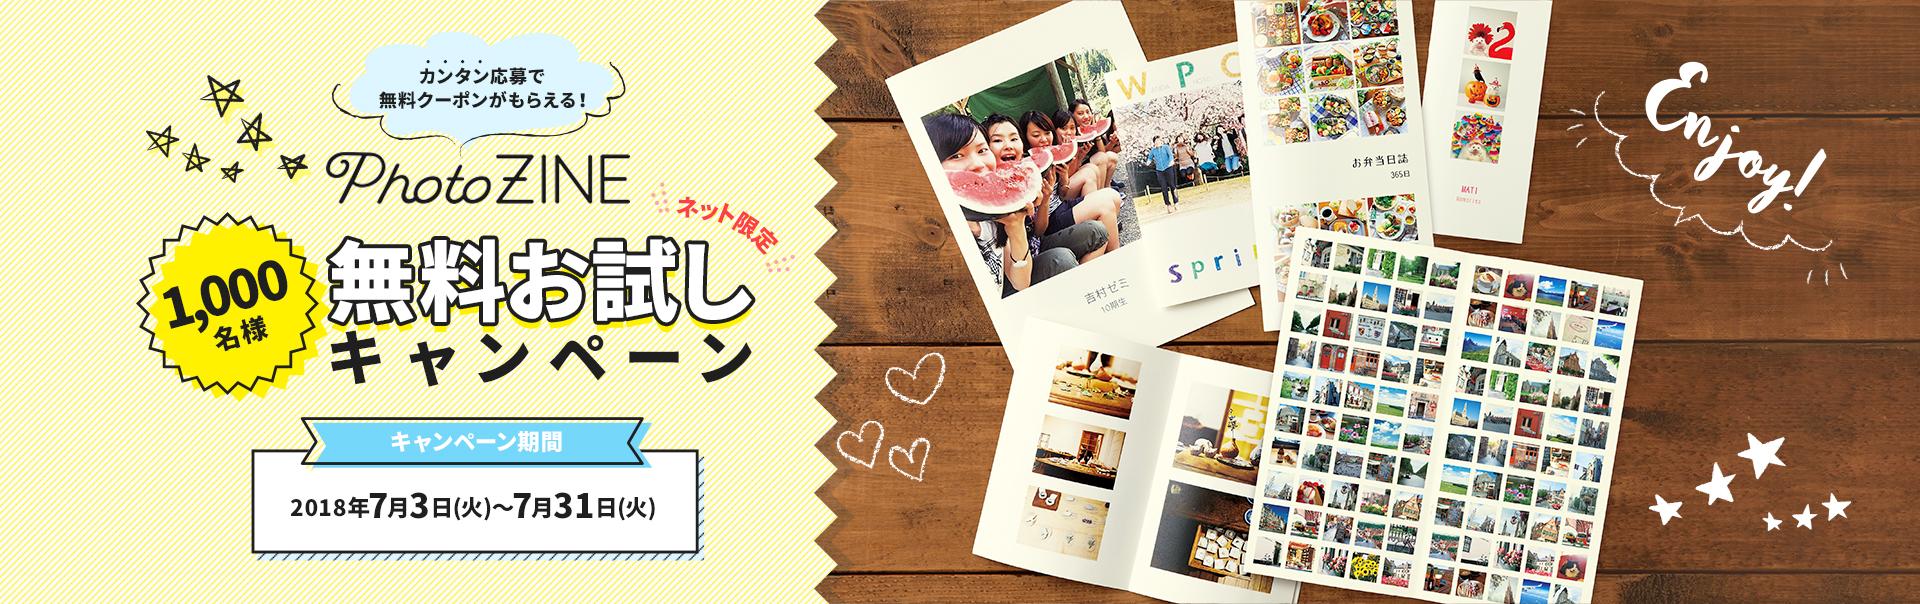 富士フィルムのフォトブック「PhotoZINE」の無料お試しクーポンが抽選で1000名に当たる。~7/31。